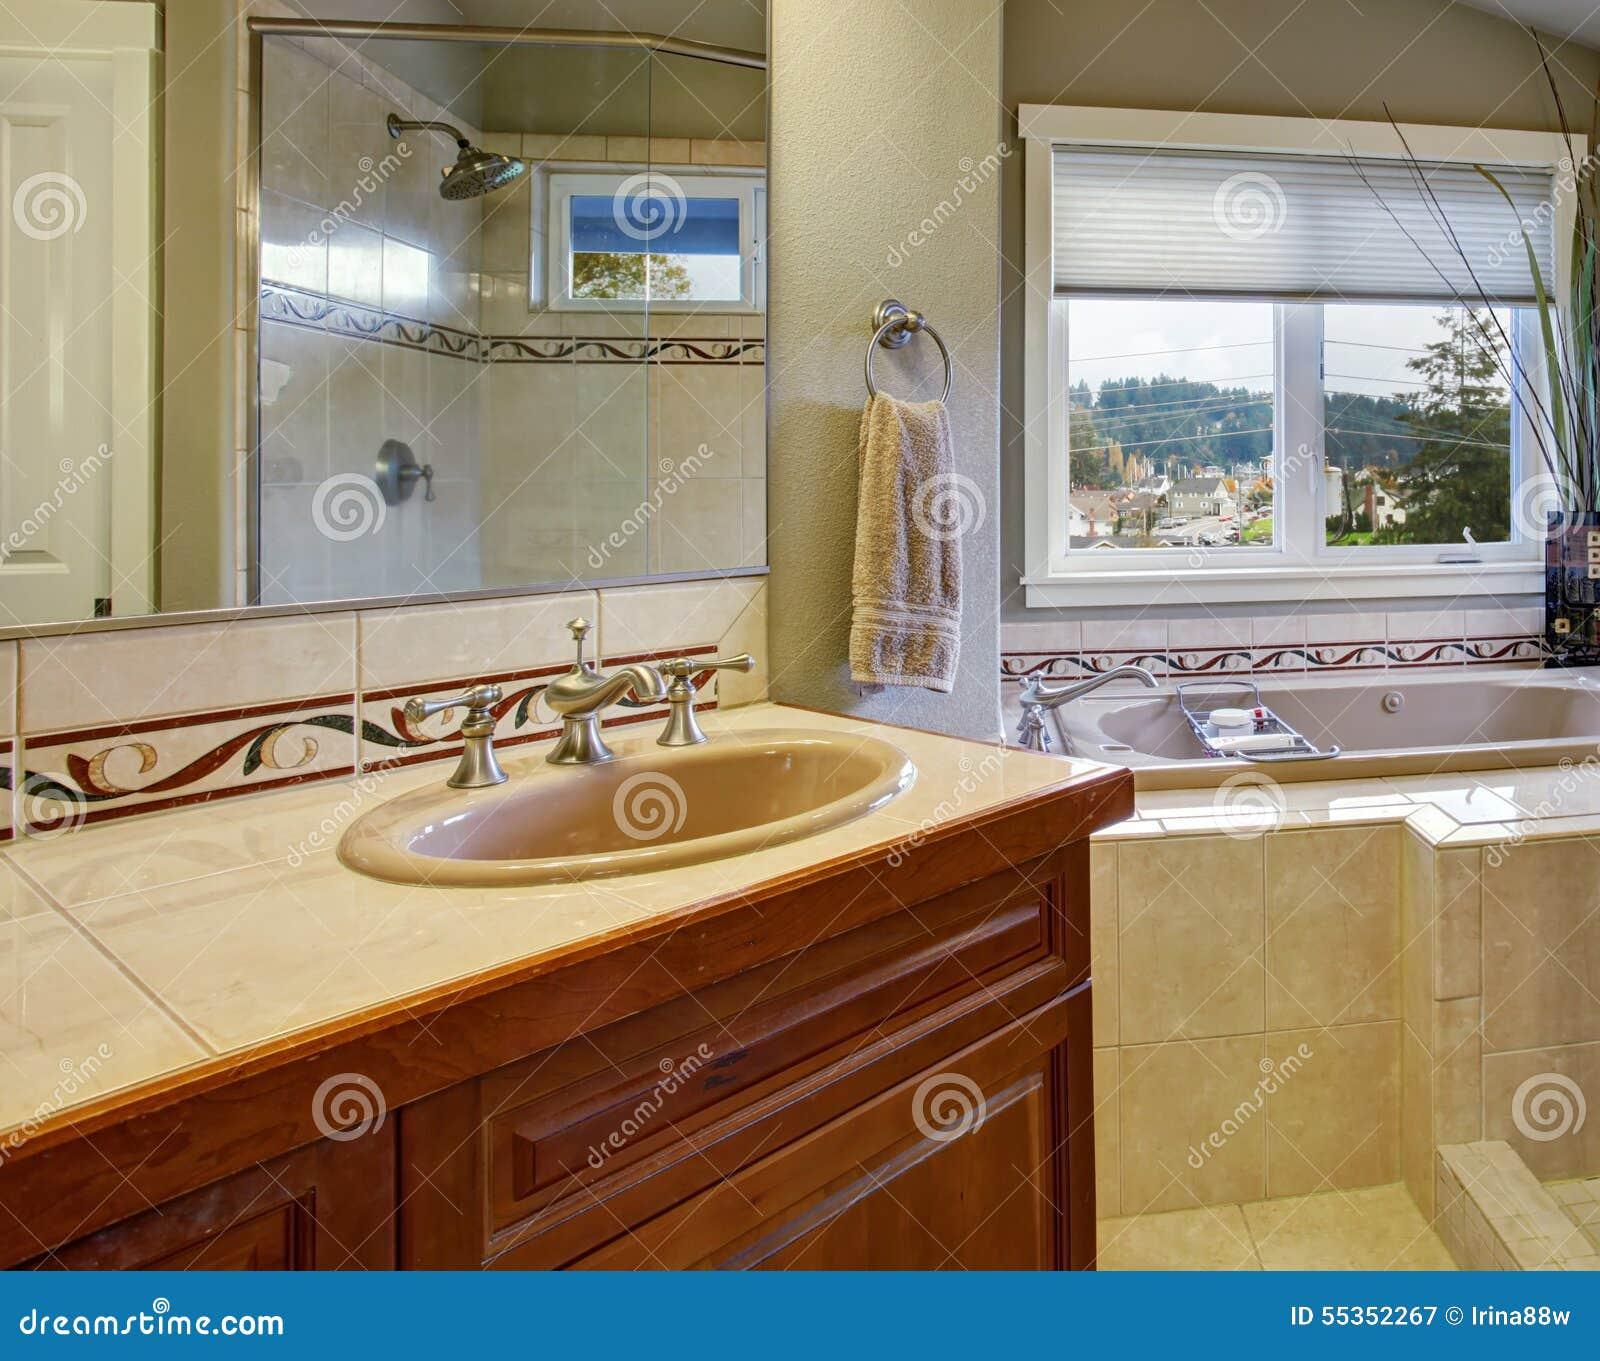 Nytt badrum förbindelse till det ledar  sovrummet arkivfoto   bild ...